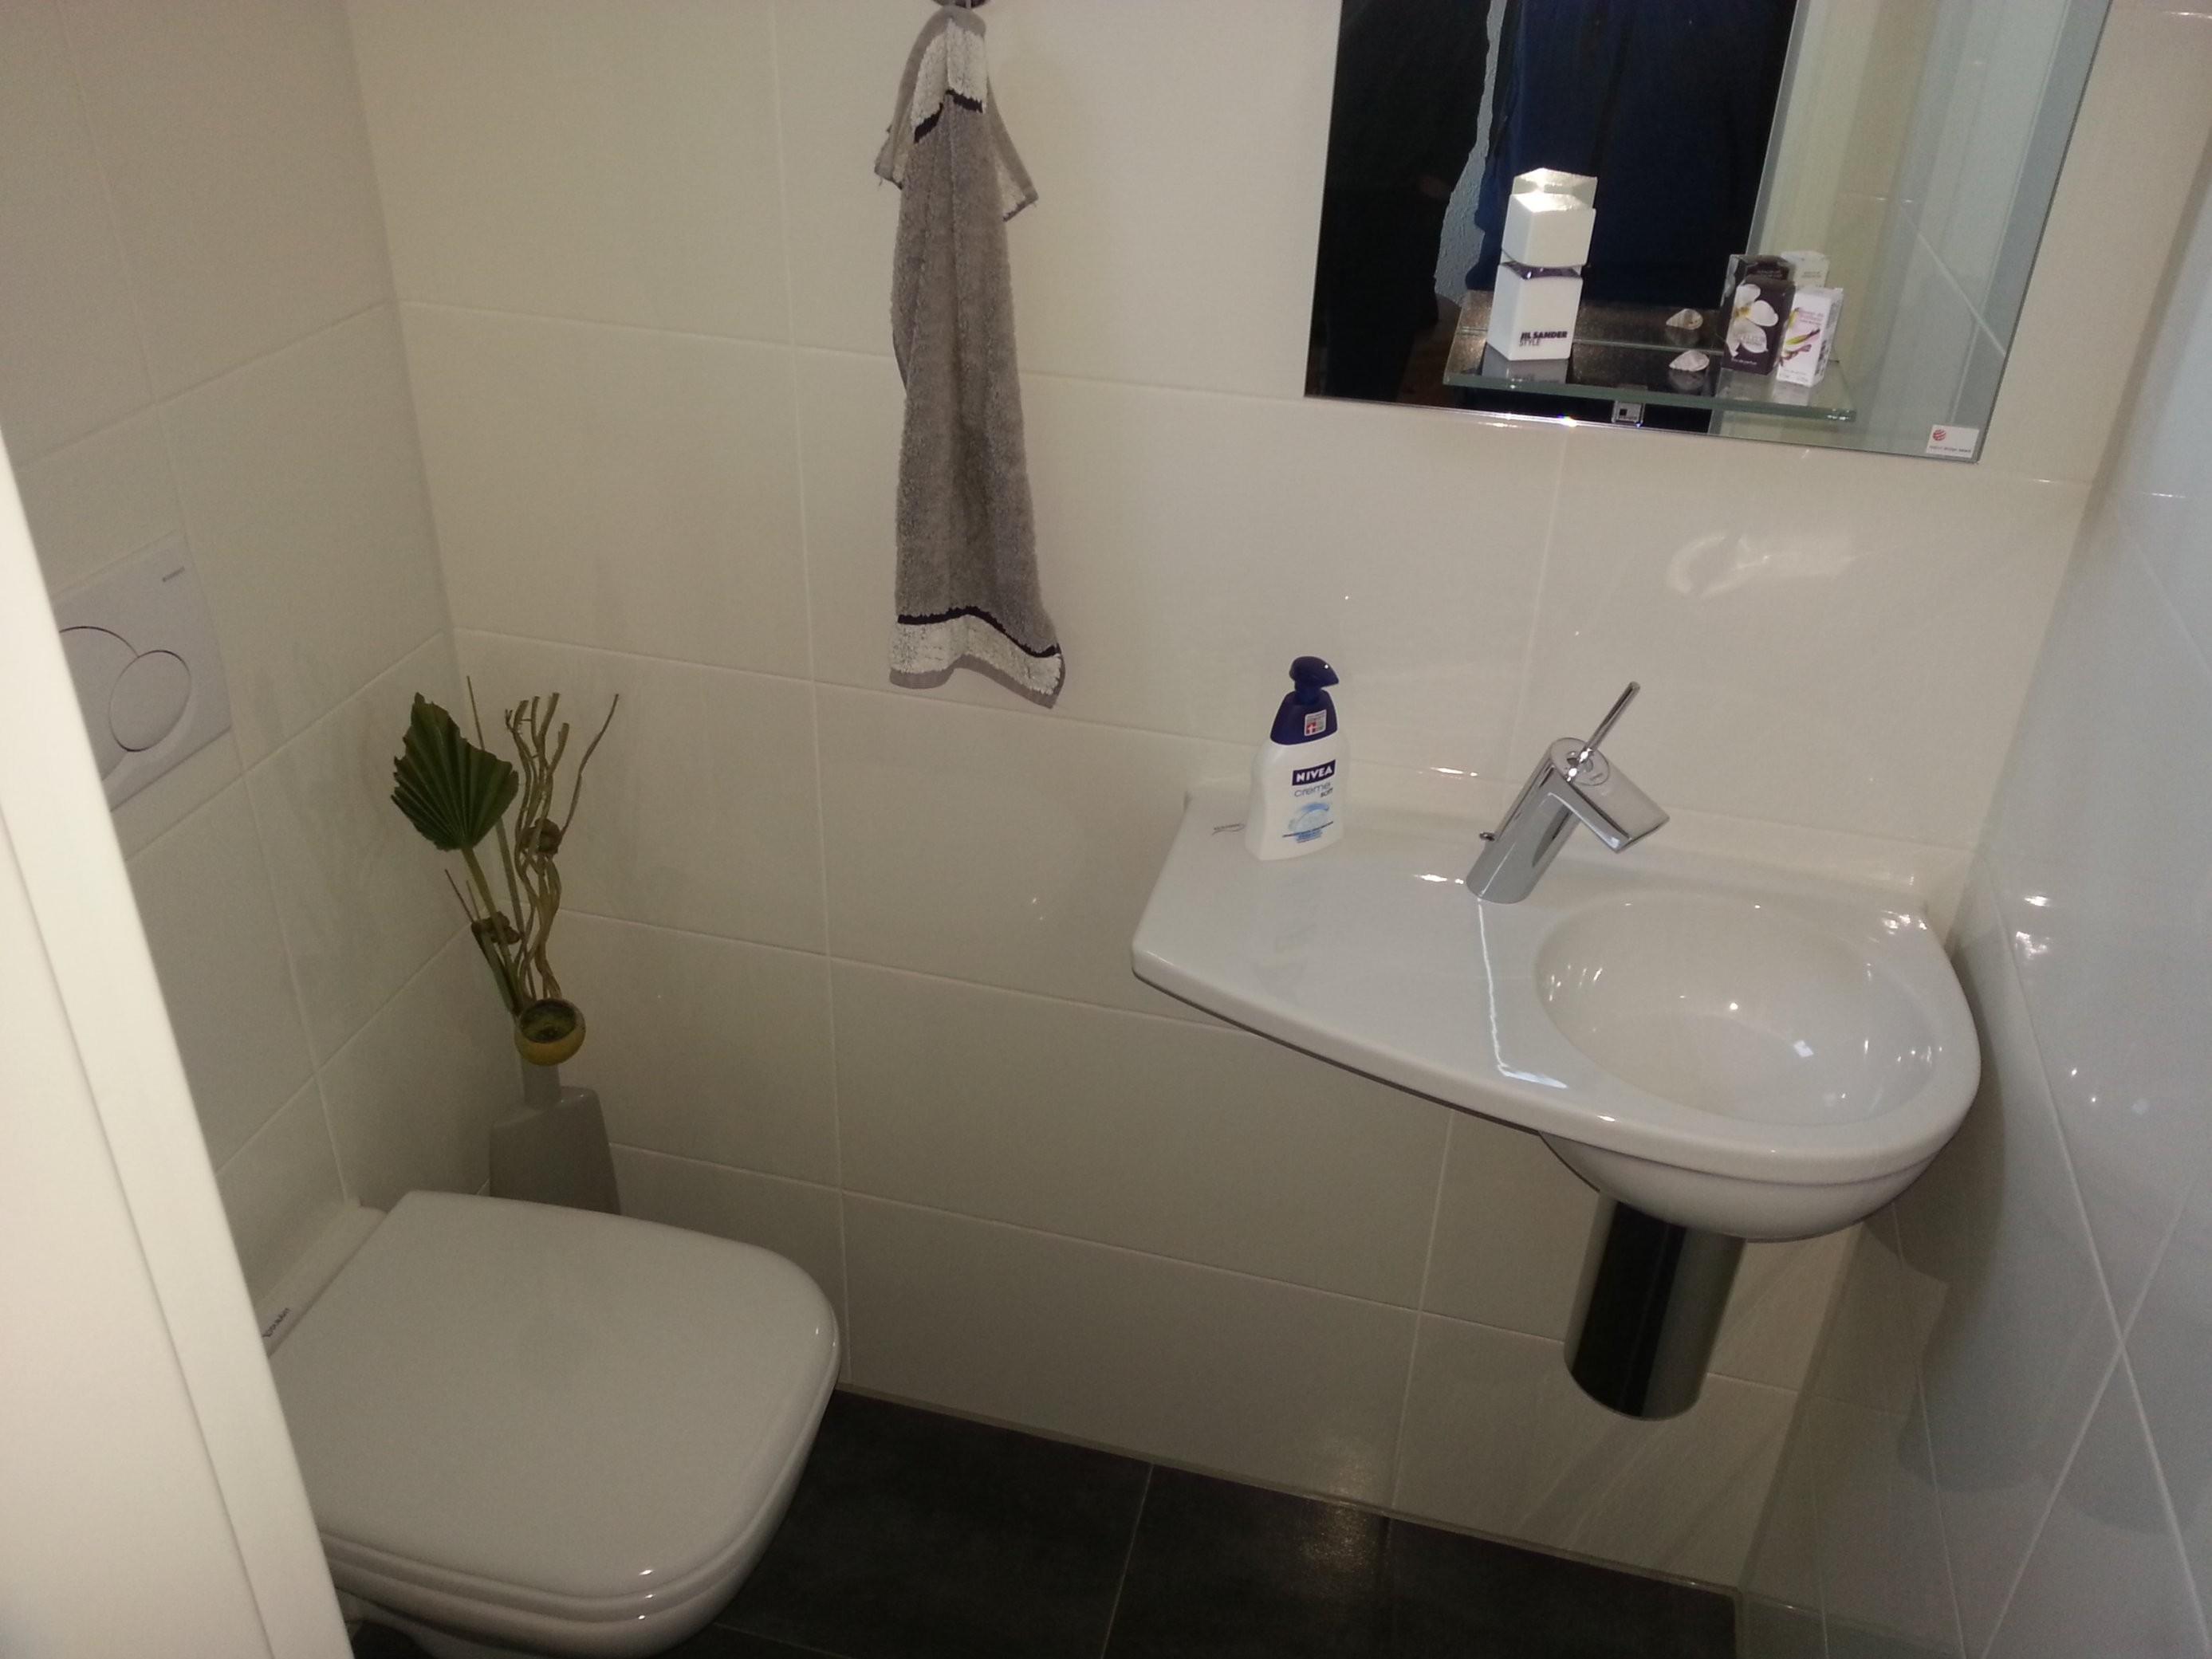 Kleines Waschbecken Mit Unterschrank Für Gäste Wc Jenseits Des von Waschbecken Kleines Gaeste Wc Bild